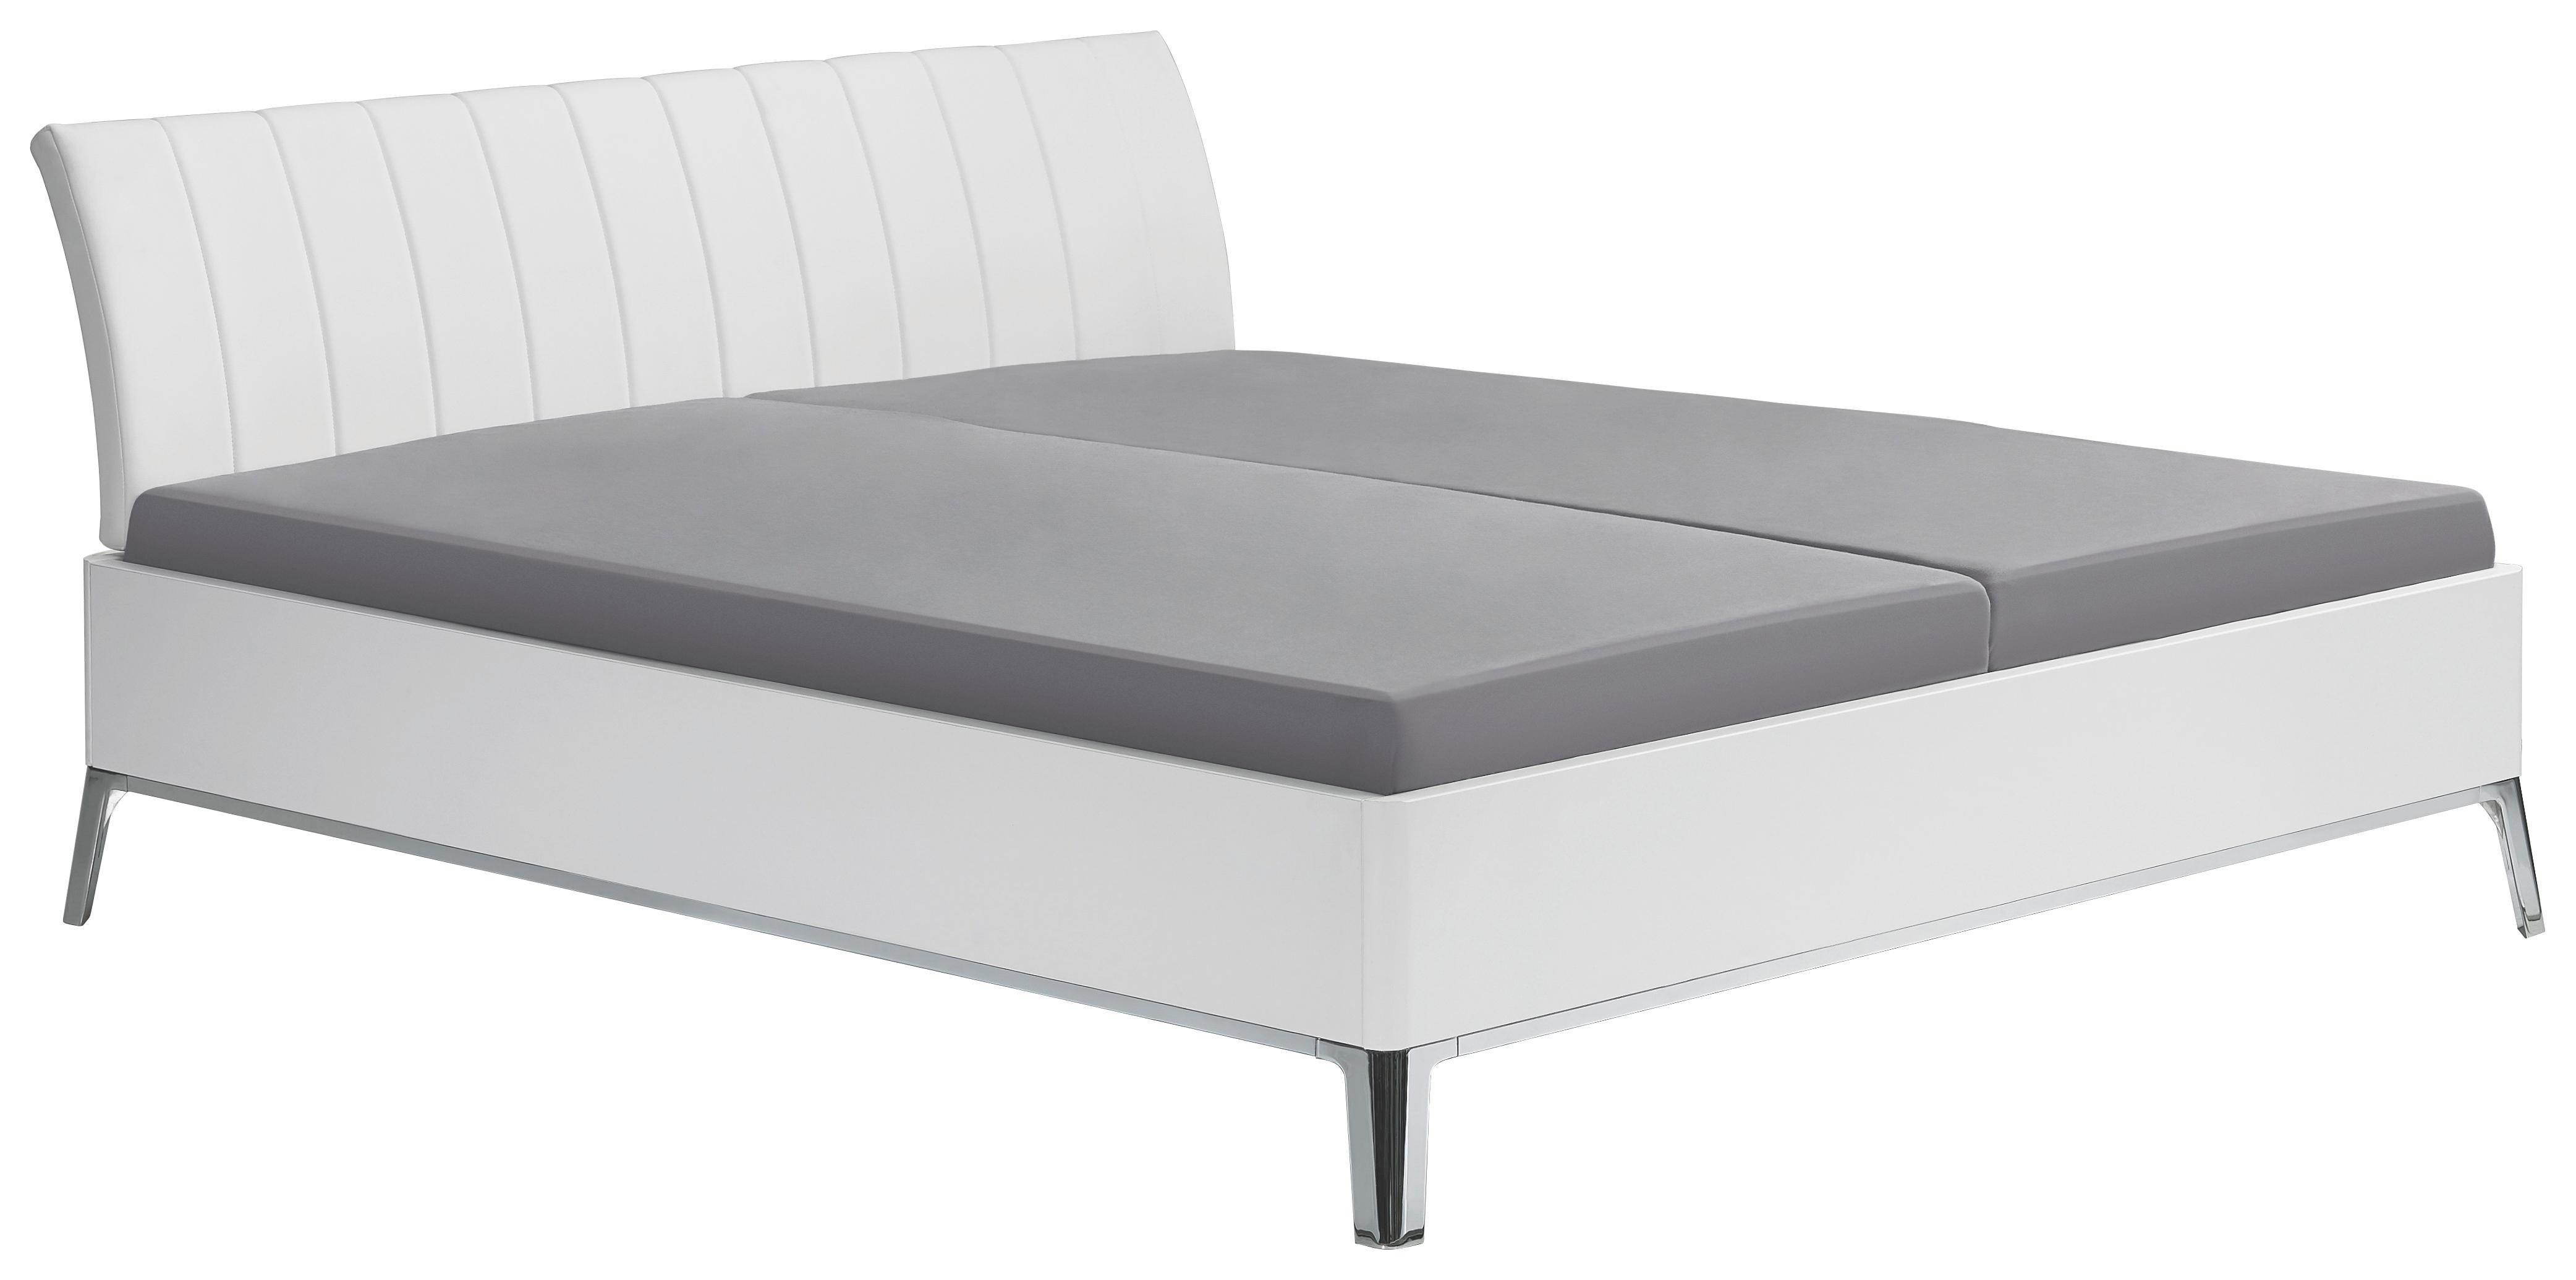 BETT 180/200 cm - Chromfarben/Weiß, Design, Metall (180/200cm) - VISIONIGHT